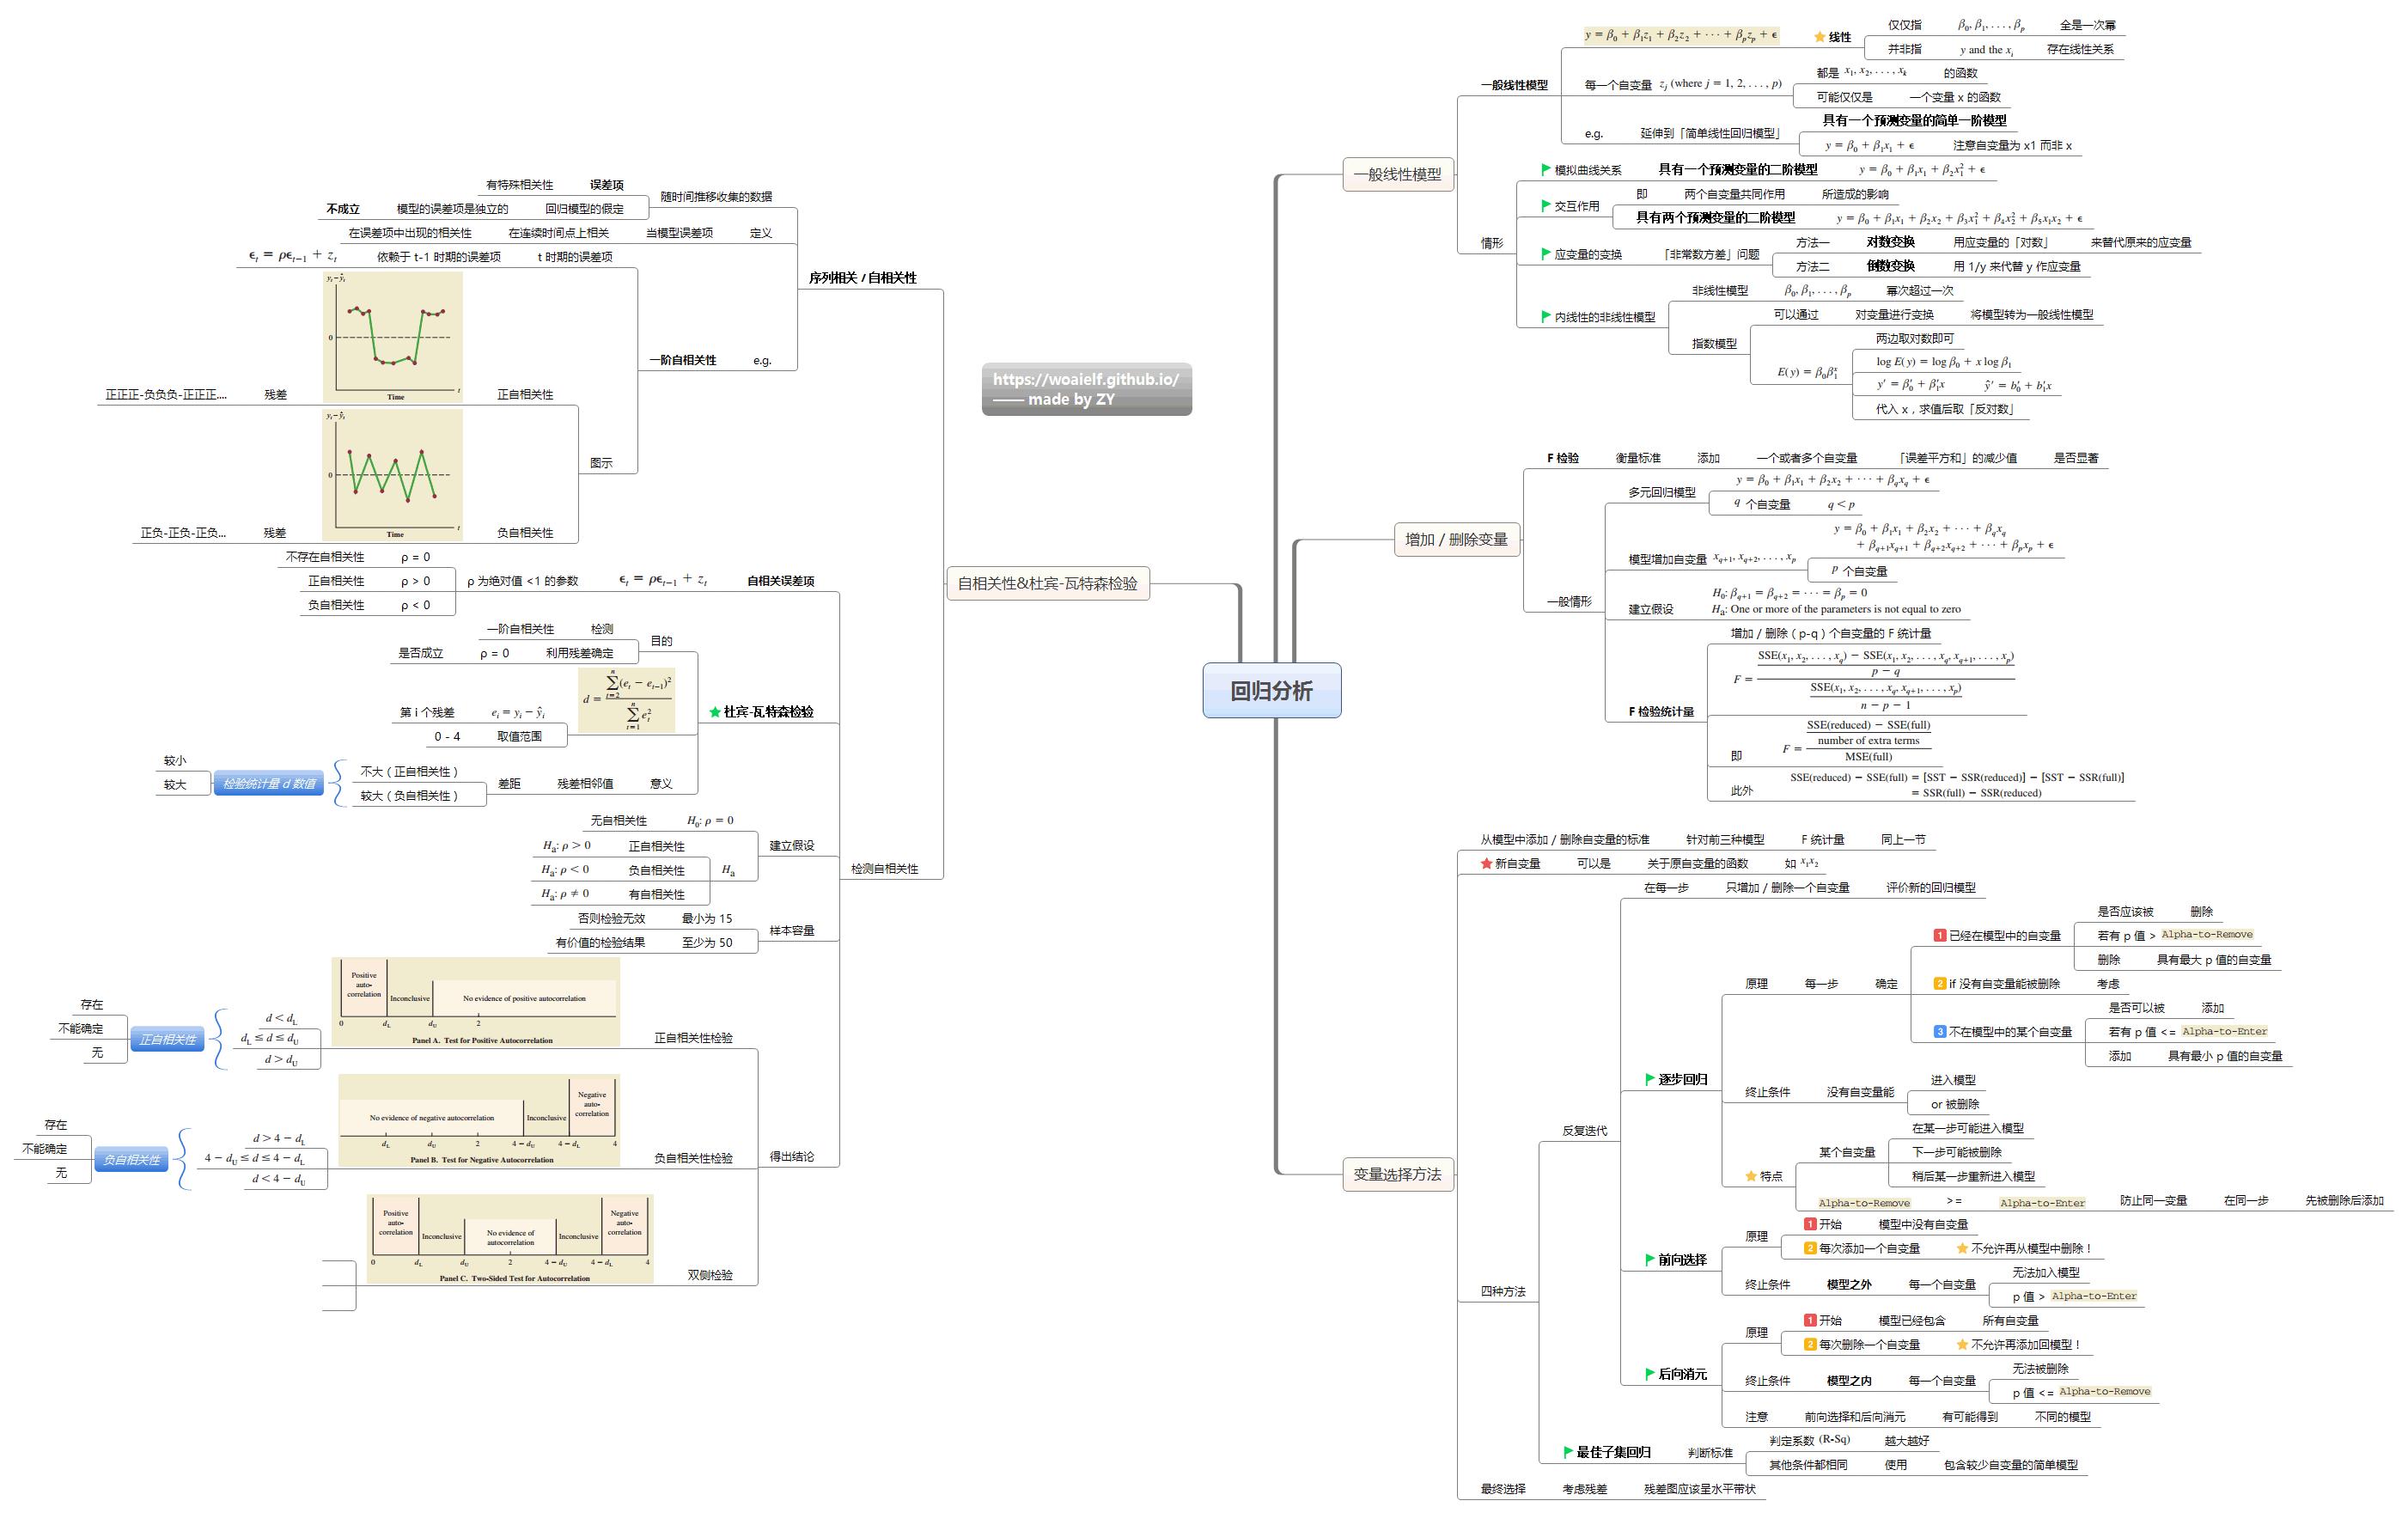 15-回归分析.png